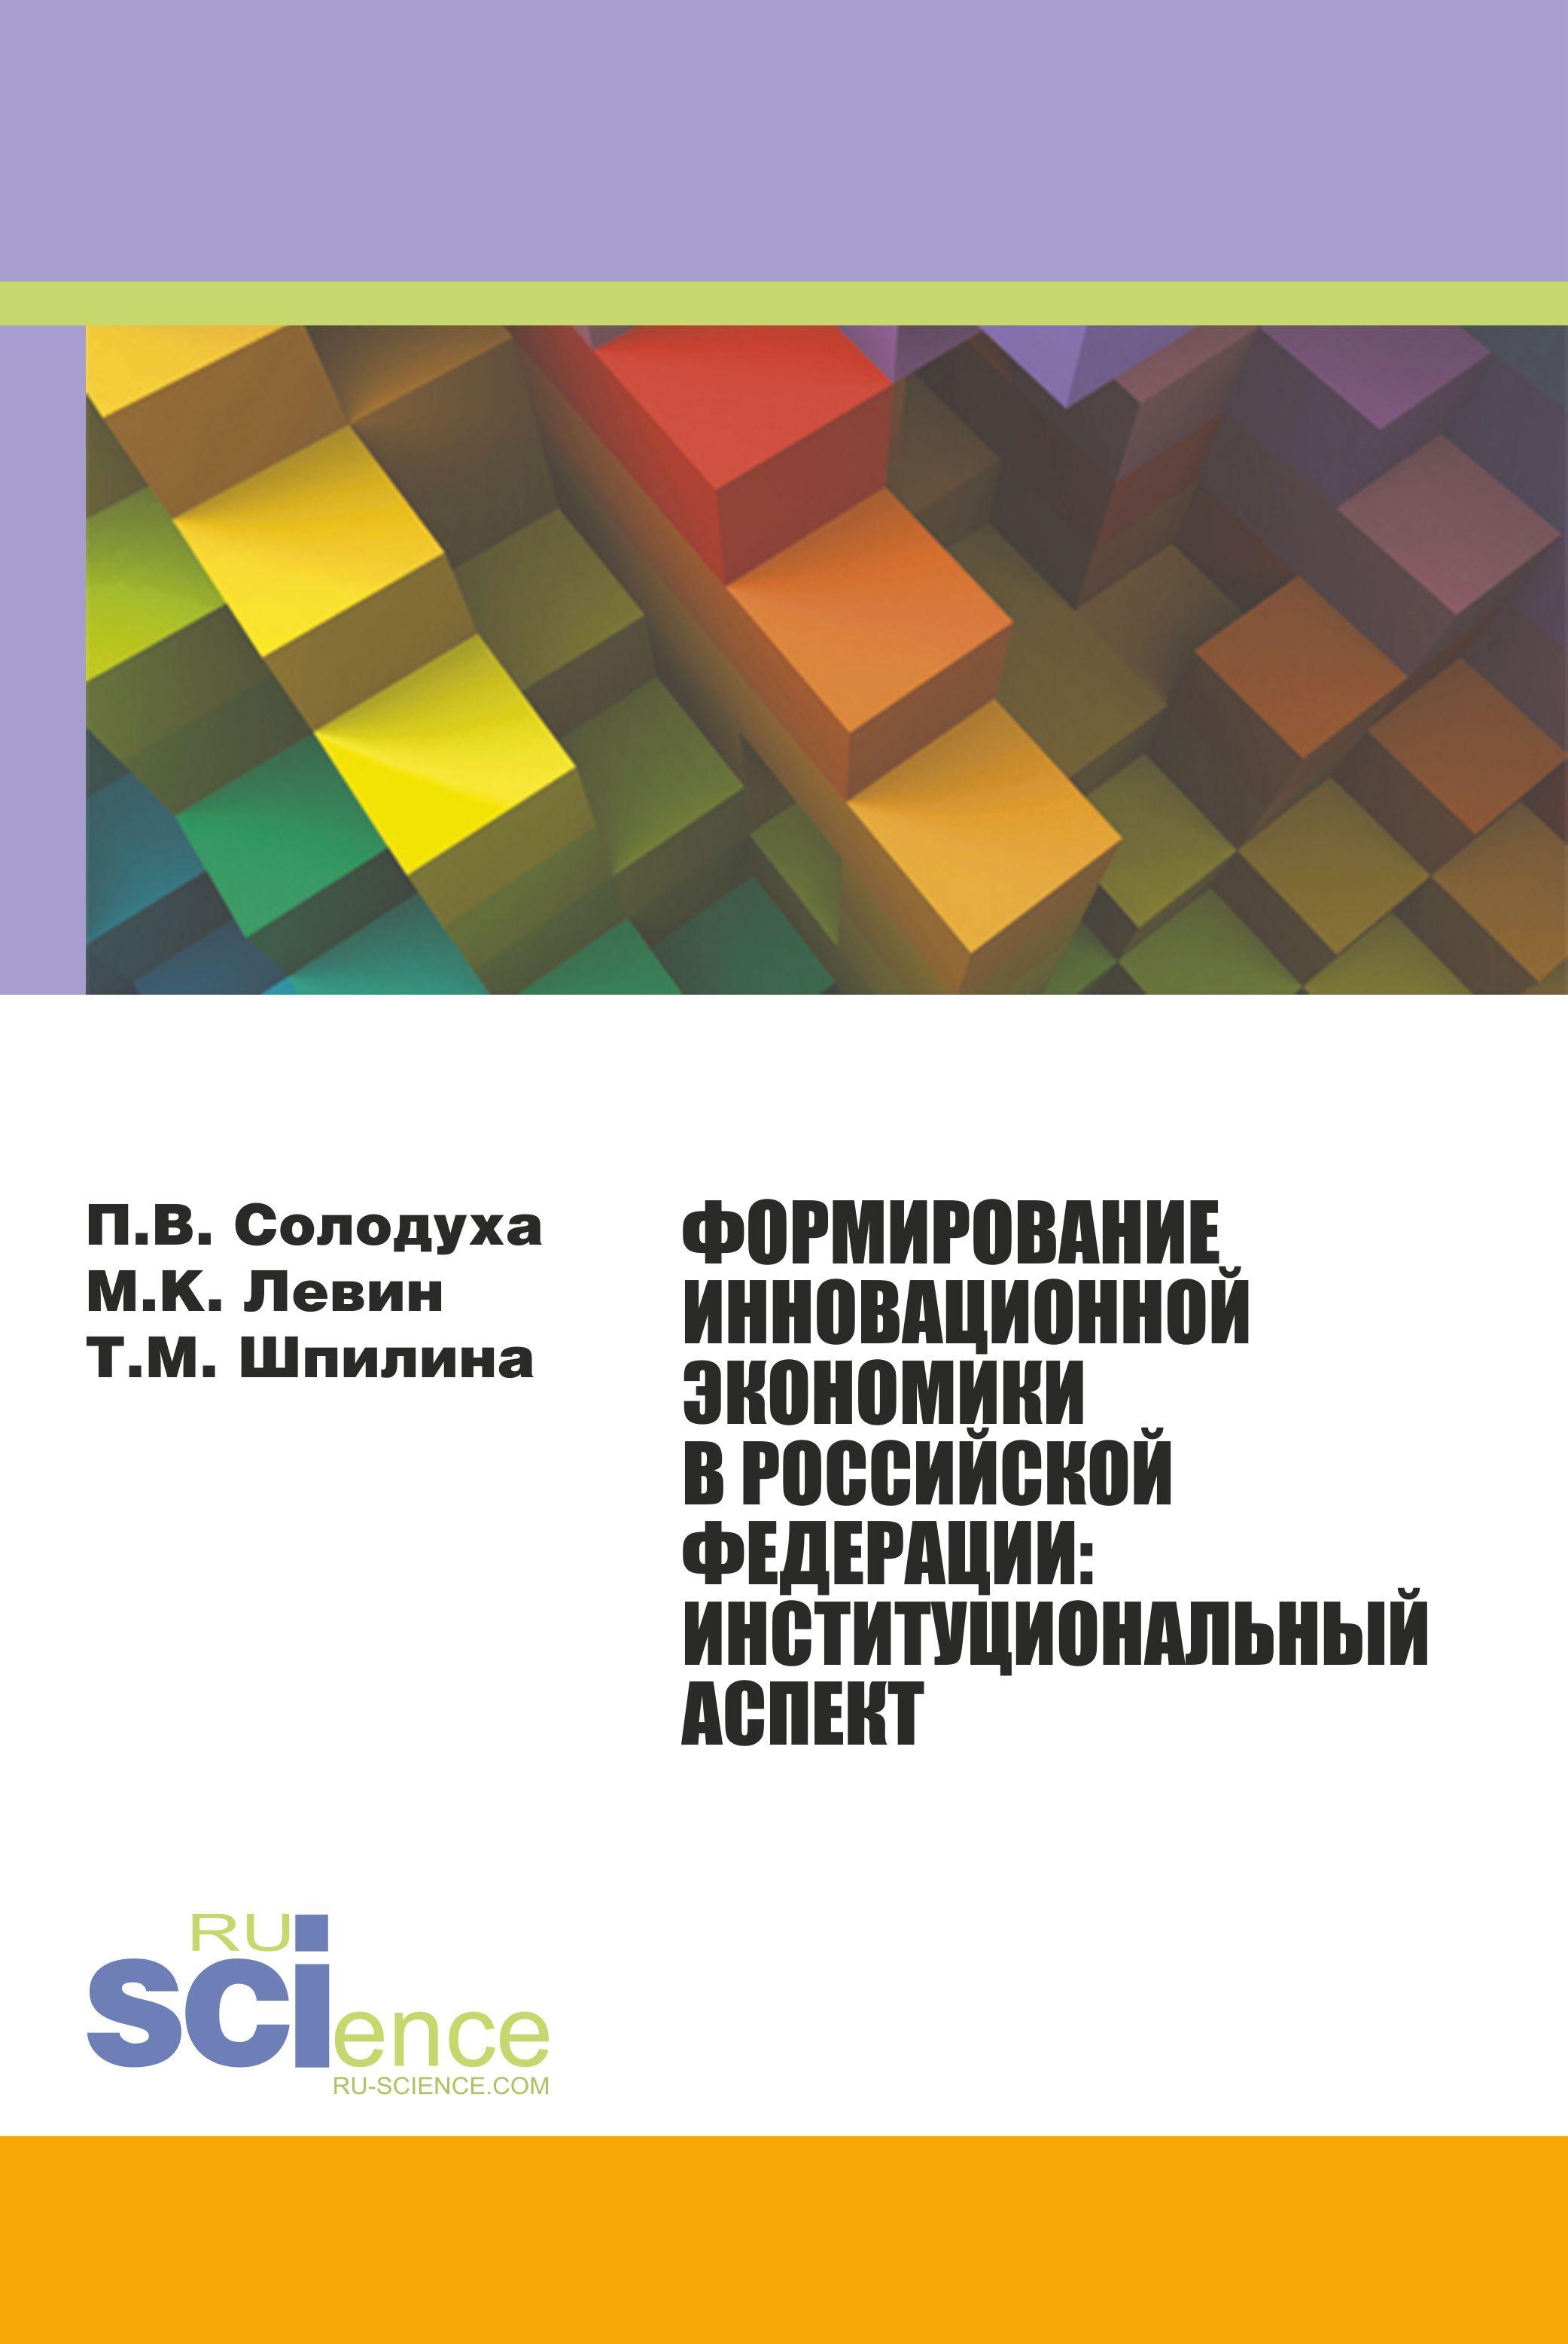 Формирование инновационной экономики в Российской Федерации. Институциональный аспект. Монография